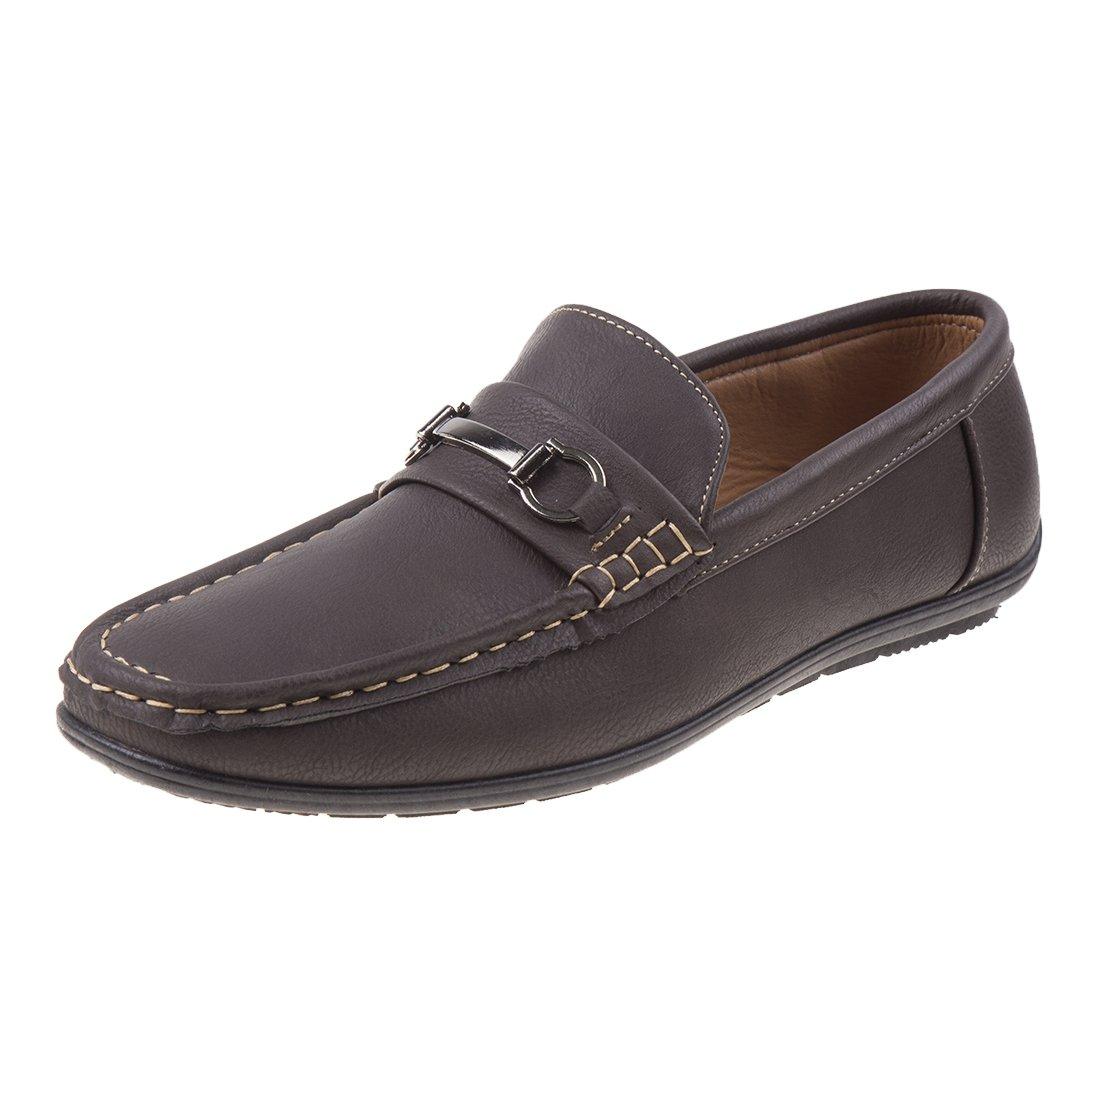 Joseph Allen Men's Slip on Loafer Dress Shoe, Brown, 12 D(M) US'